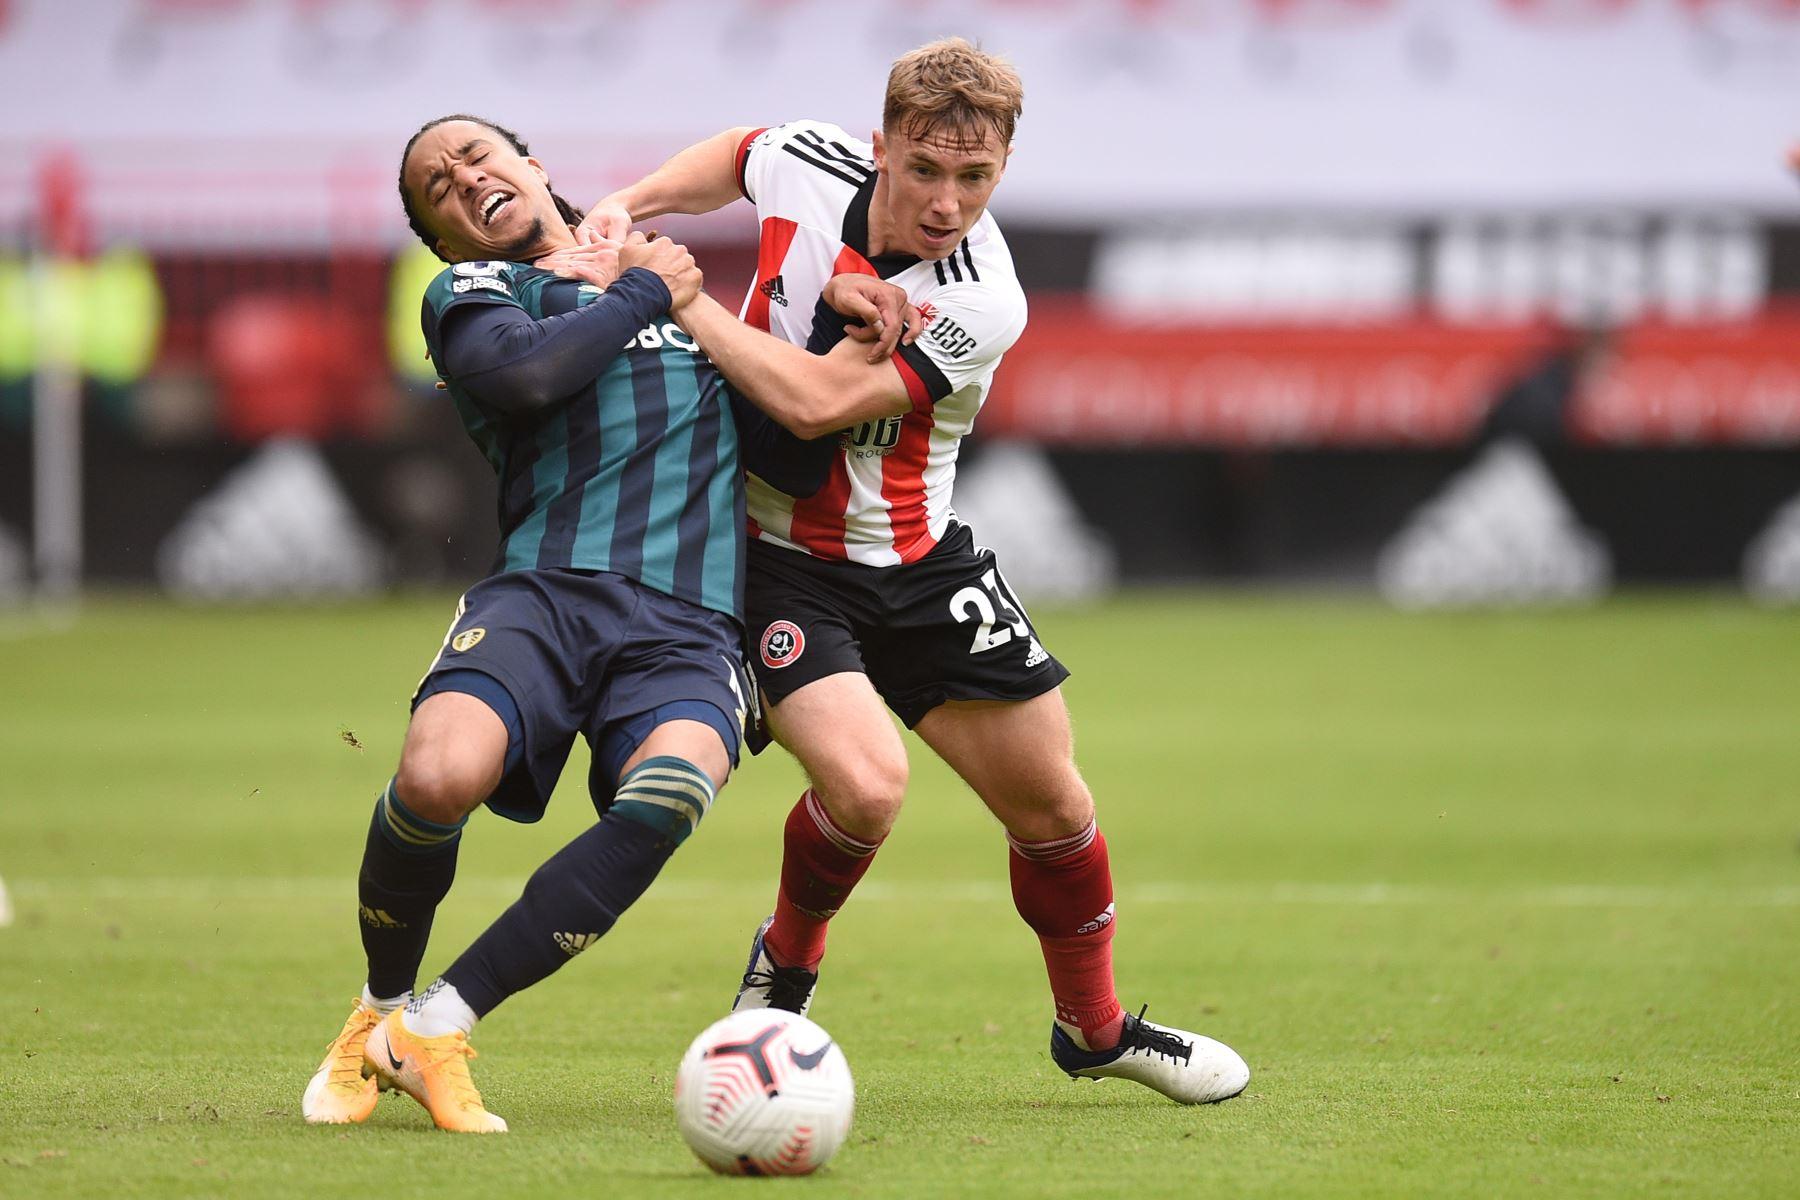 El mediocampista portugués de Leeds United, Helder Costa, compite con el mediocampista inglés de Sheffield United, Ben Osborn, durante el partido de fútbol de la Premier League. Foto: AFP